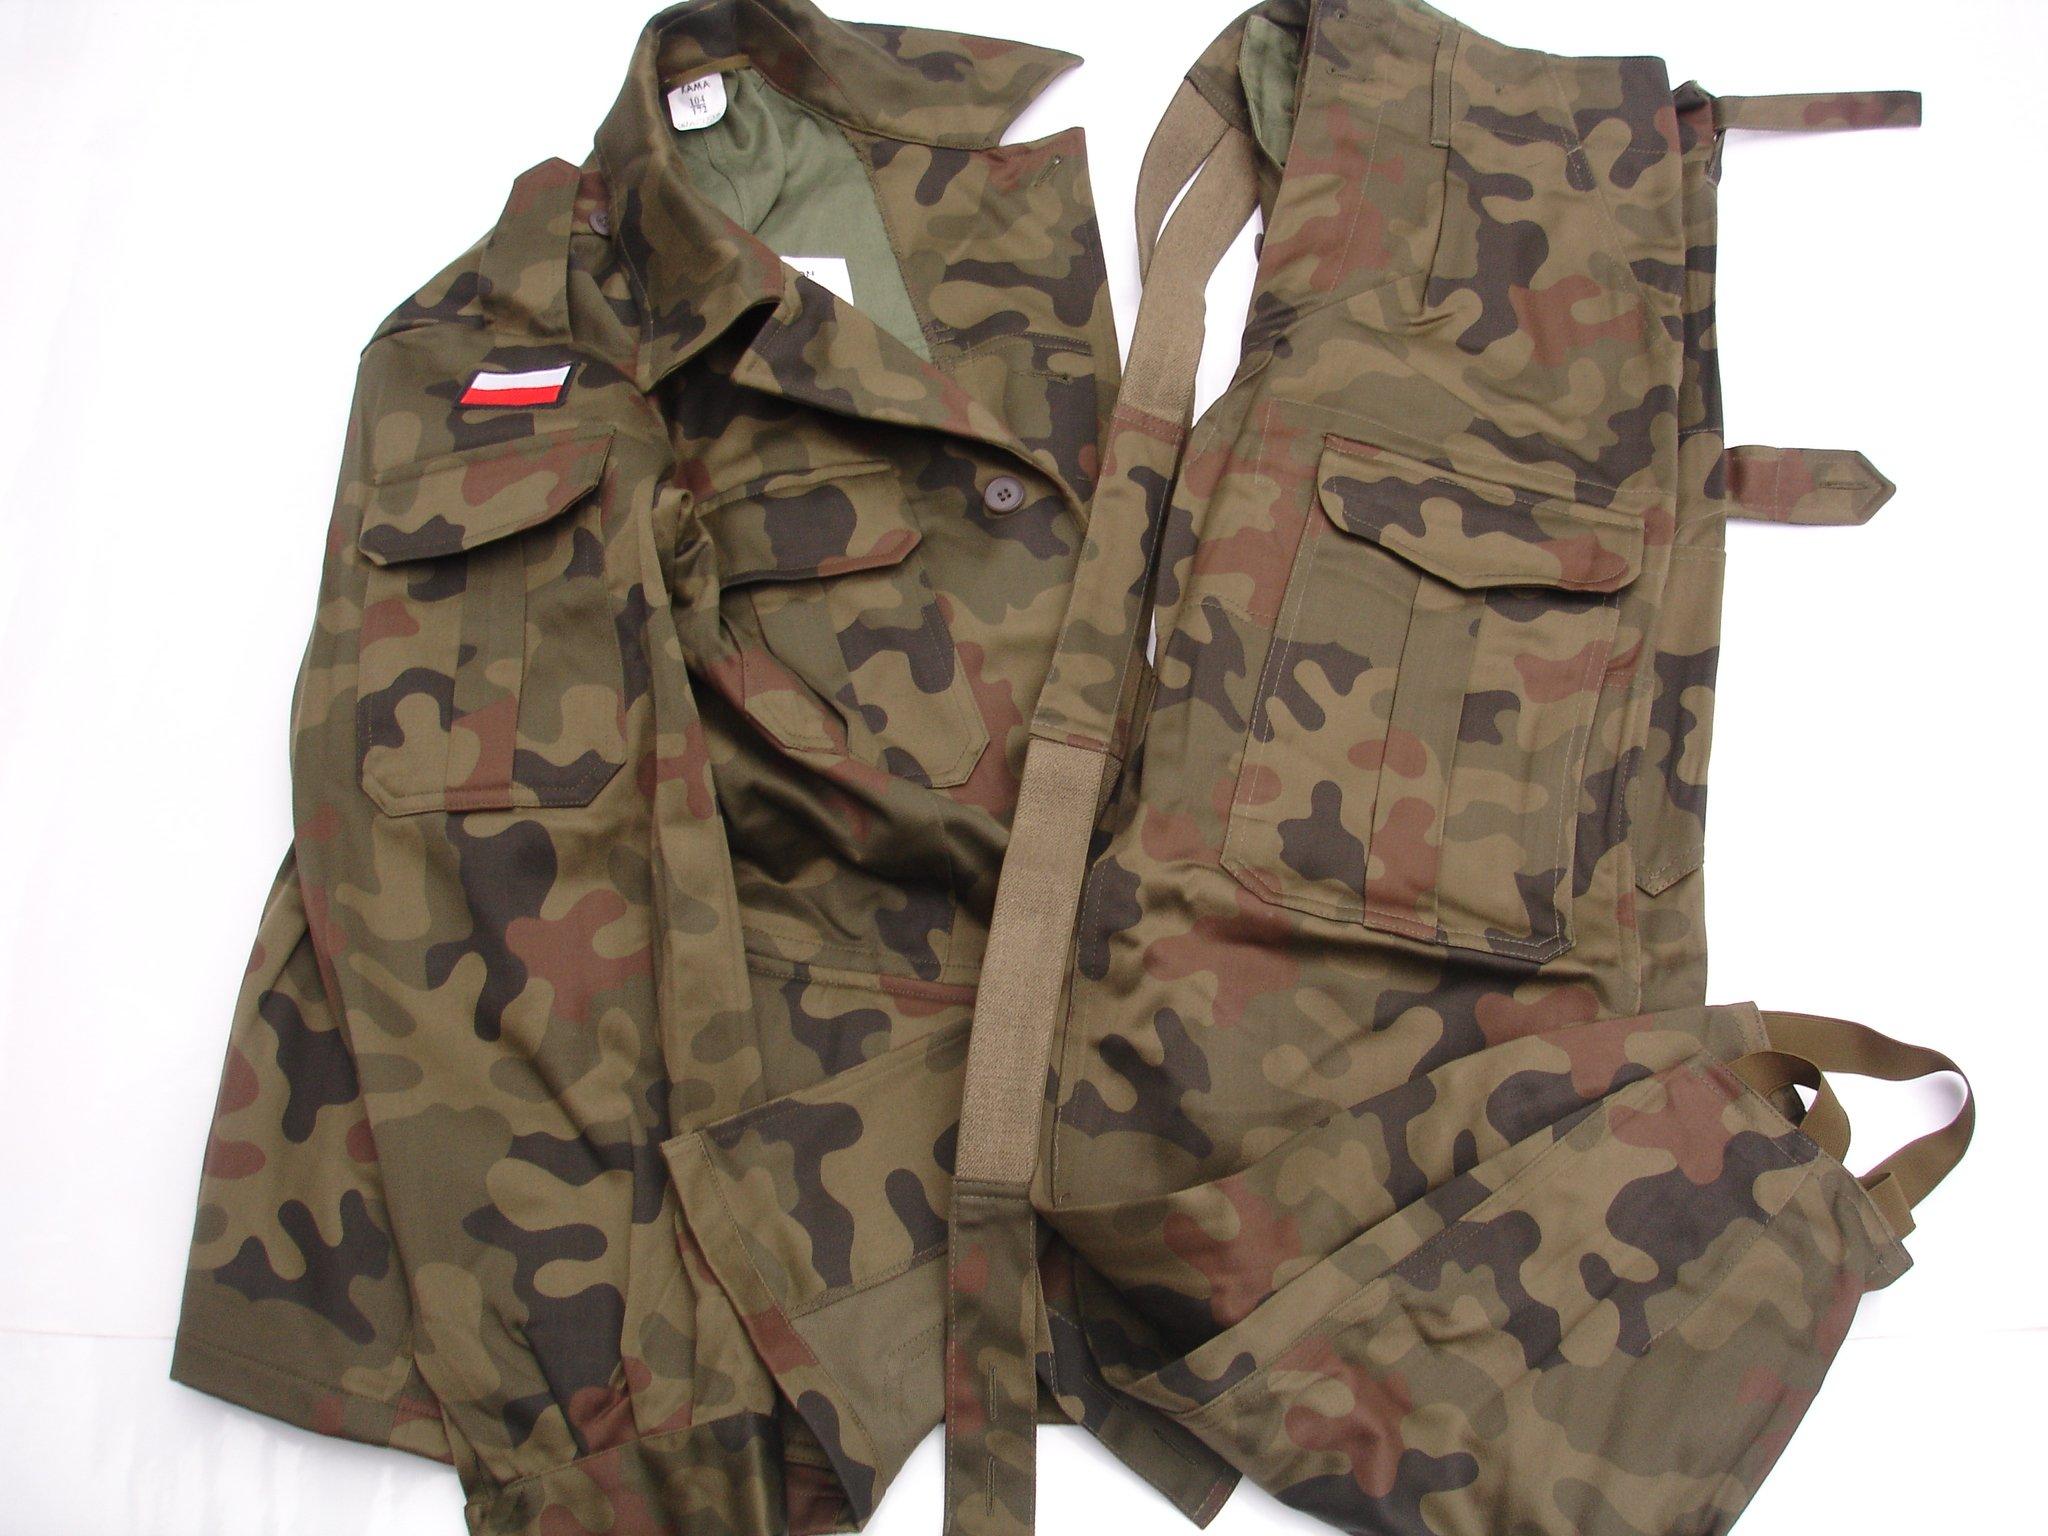 Wojskowy Mundur Polowy Caloroczny Pantera Wz 93 7275088521 Allegro Pl